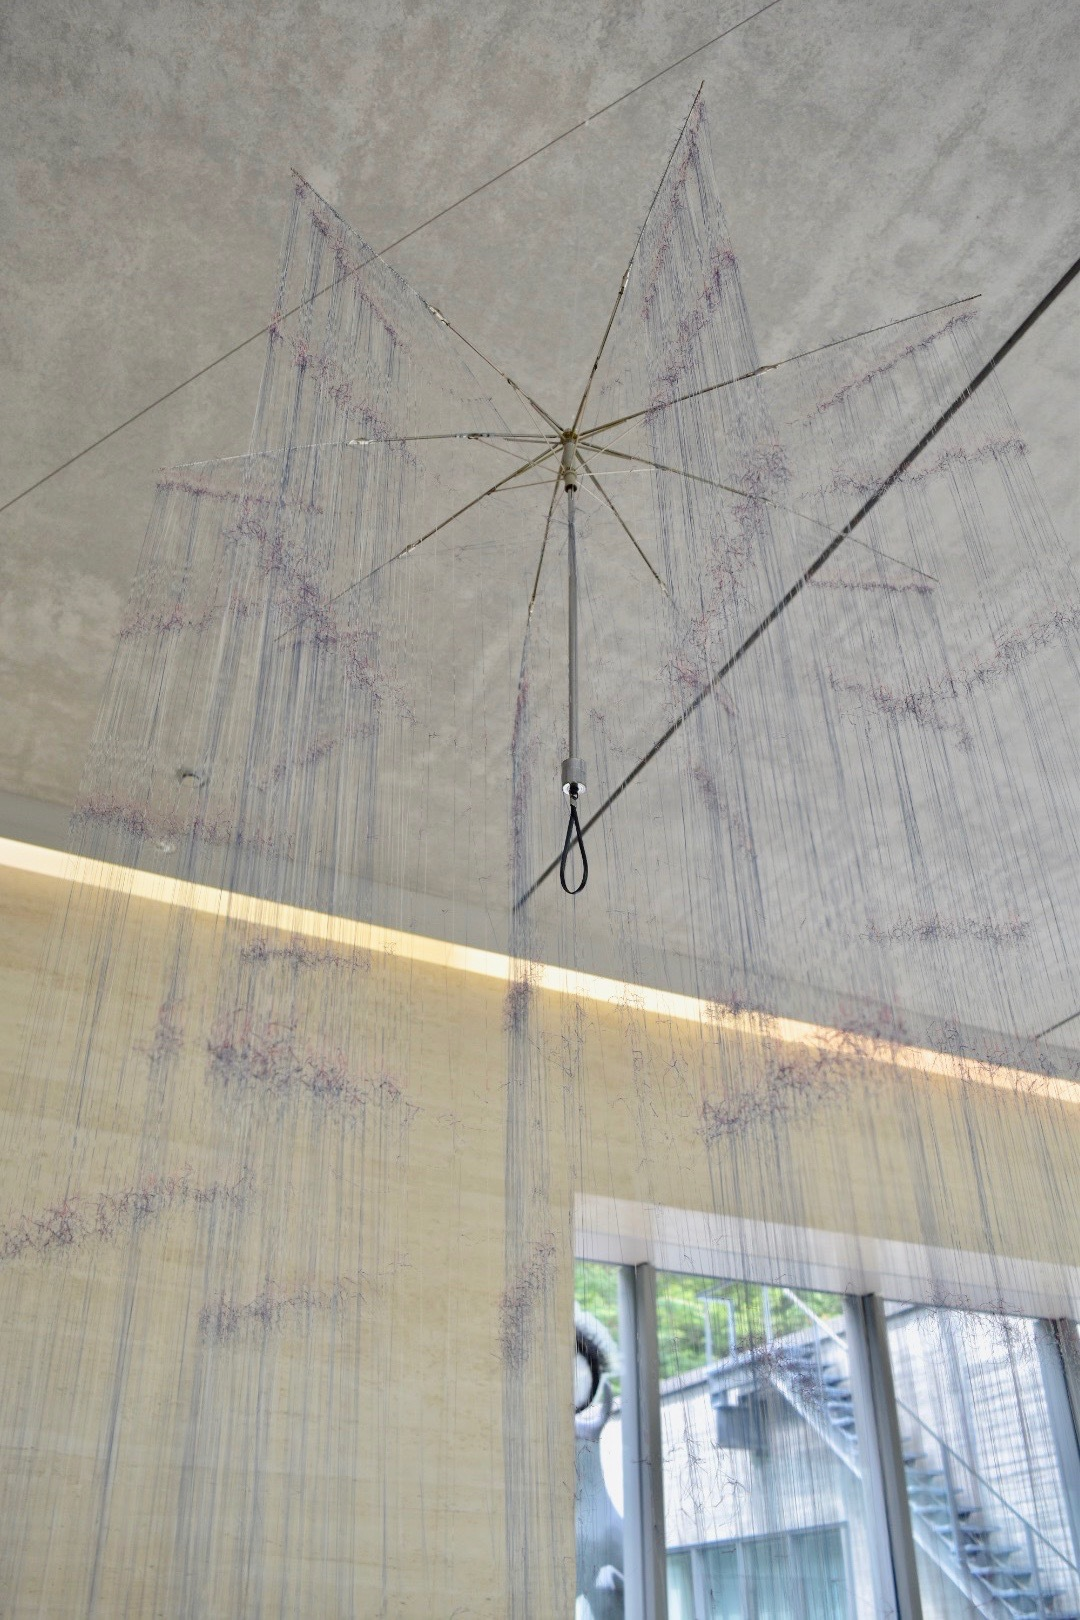 《untitled-rain Hiroshima-》 2018年 (c)Kaoru Hirano